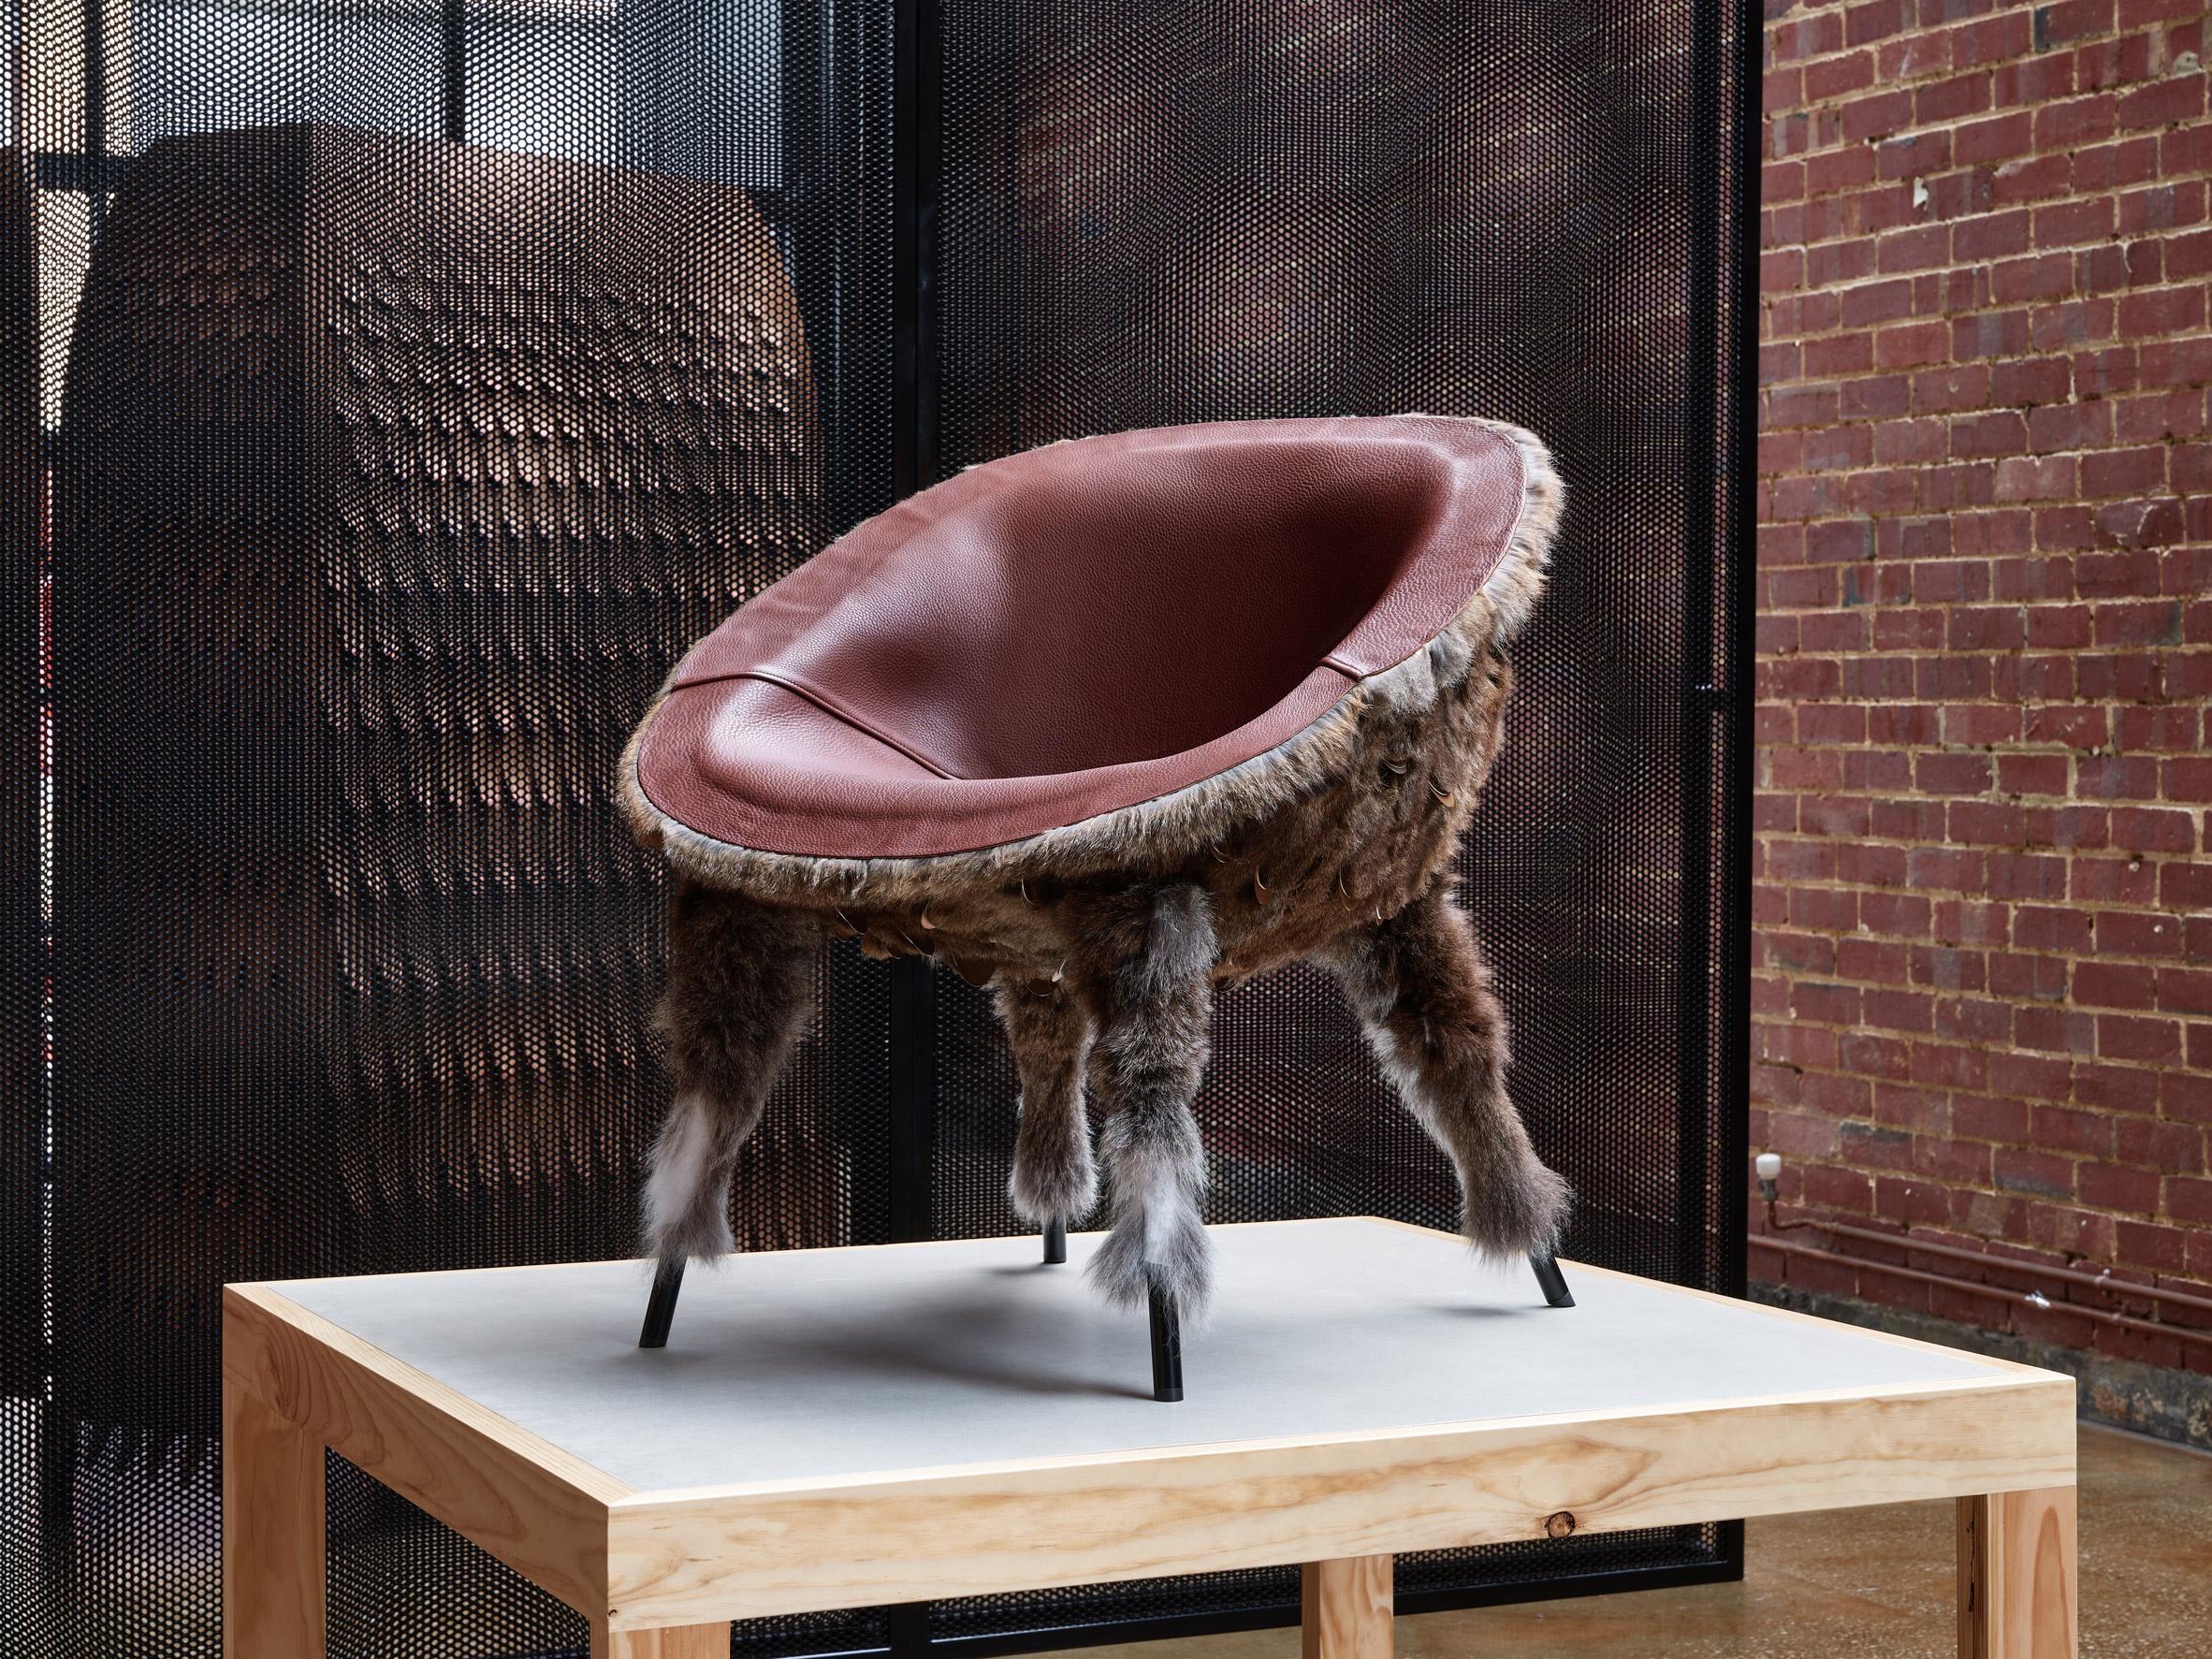 broached-monsters-trent-jensen-design-furniture-chairs_dezeen_2364_col_0